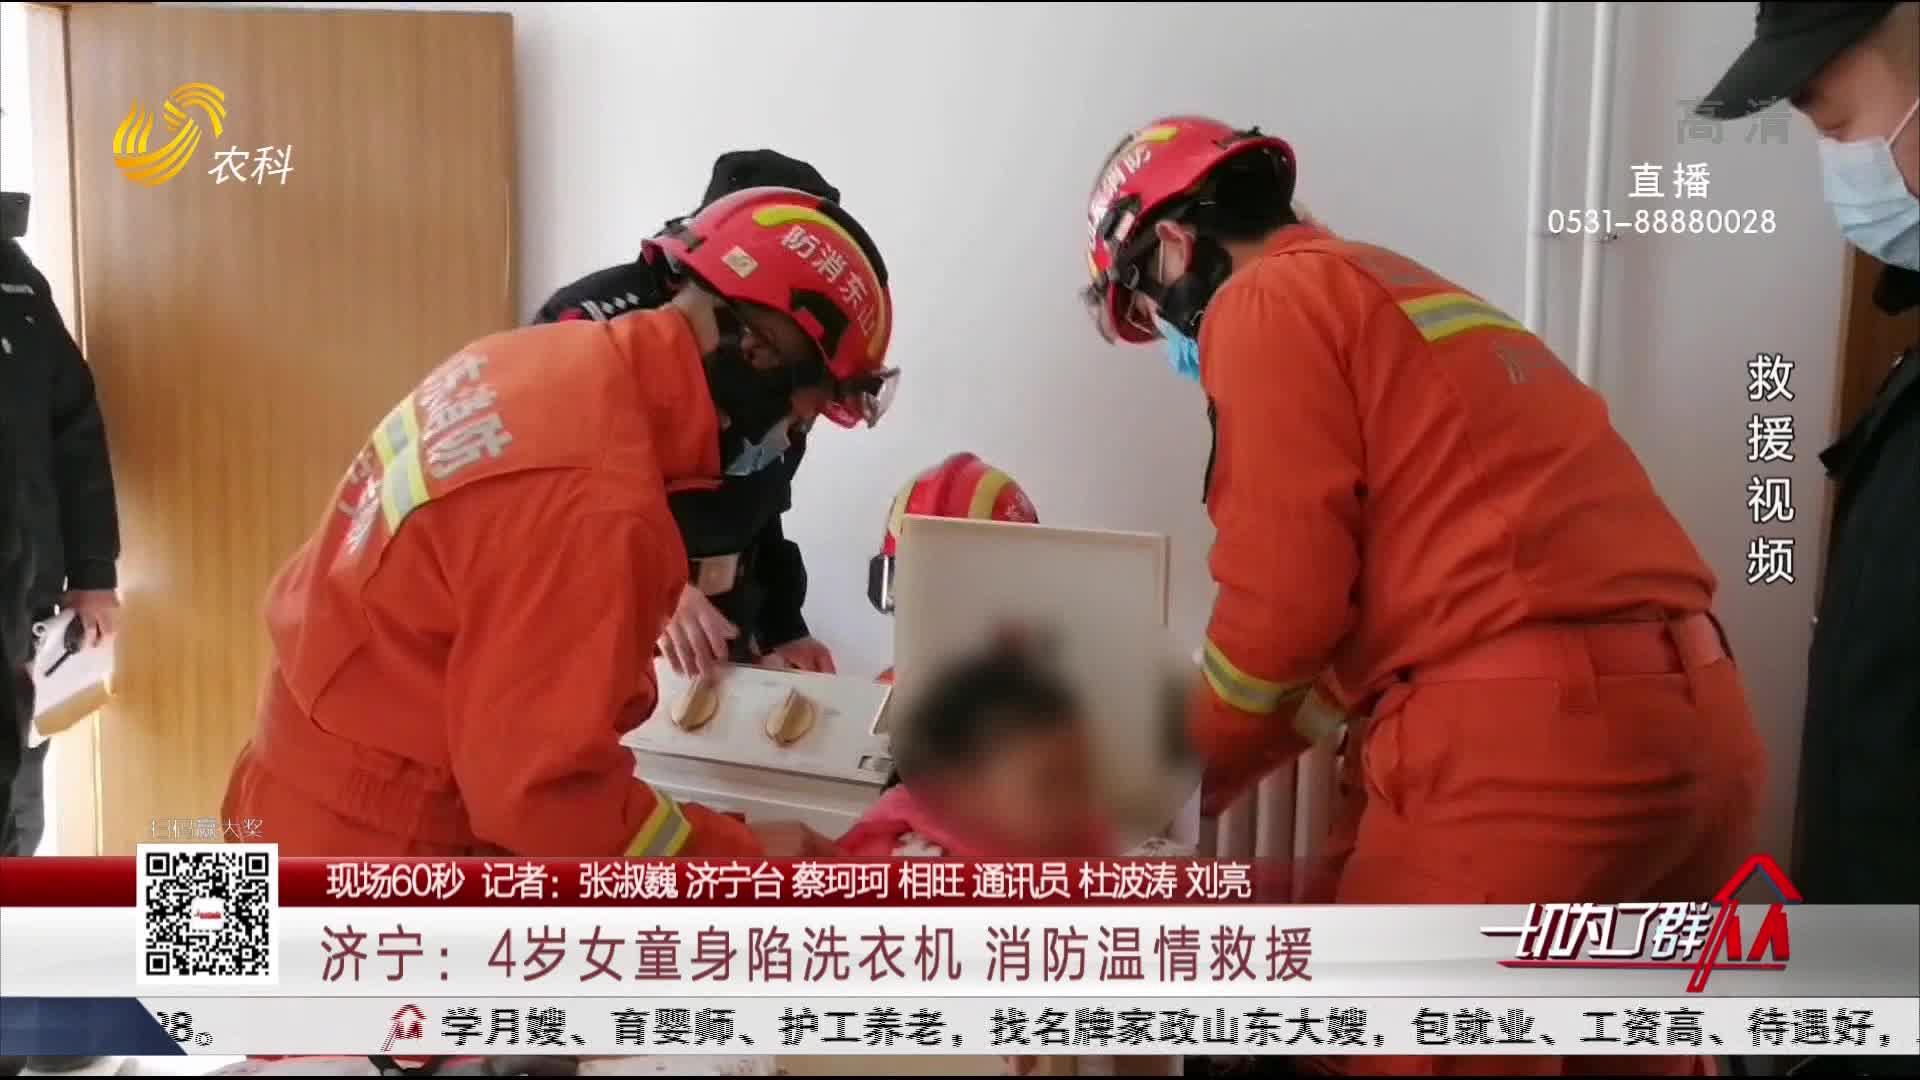 【现场60秒】济宁:4岁女童身陷洗衣机 消防温情救援